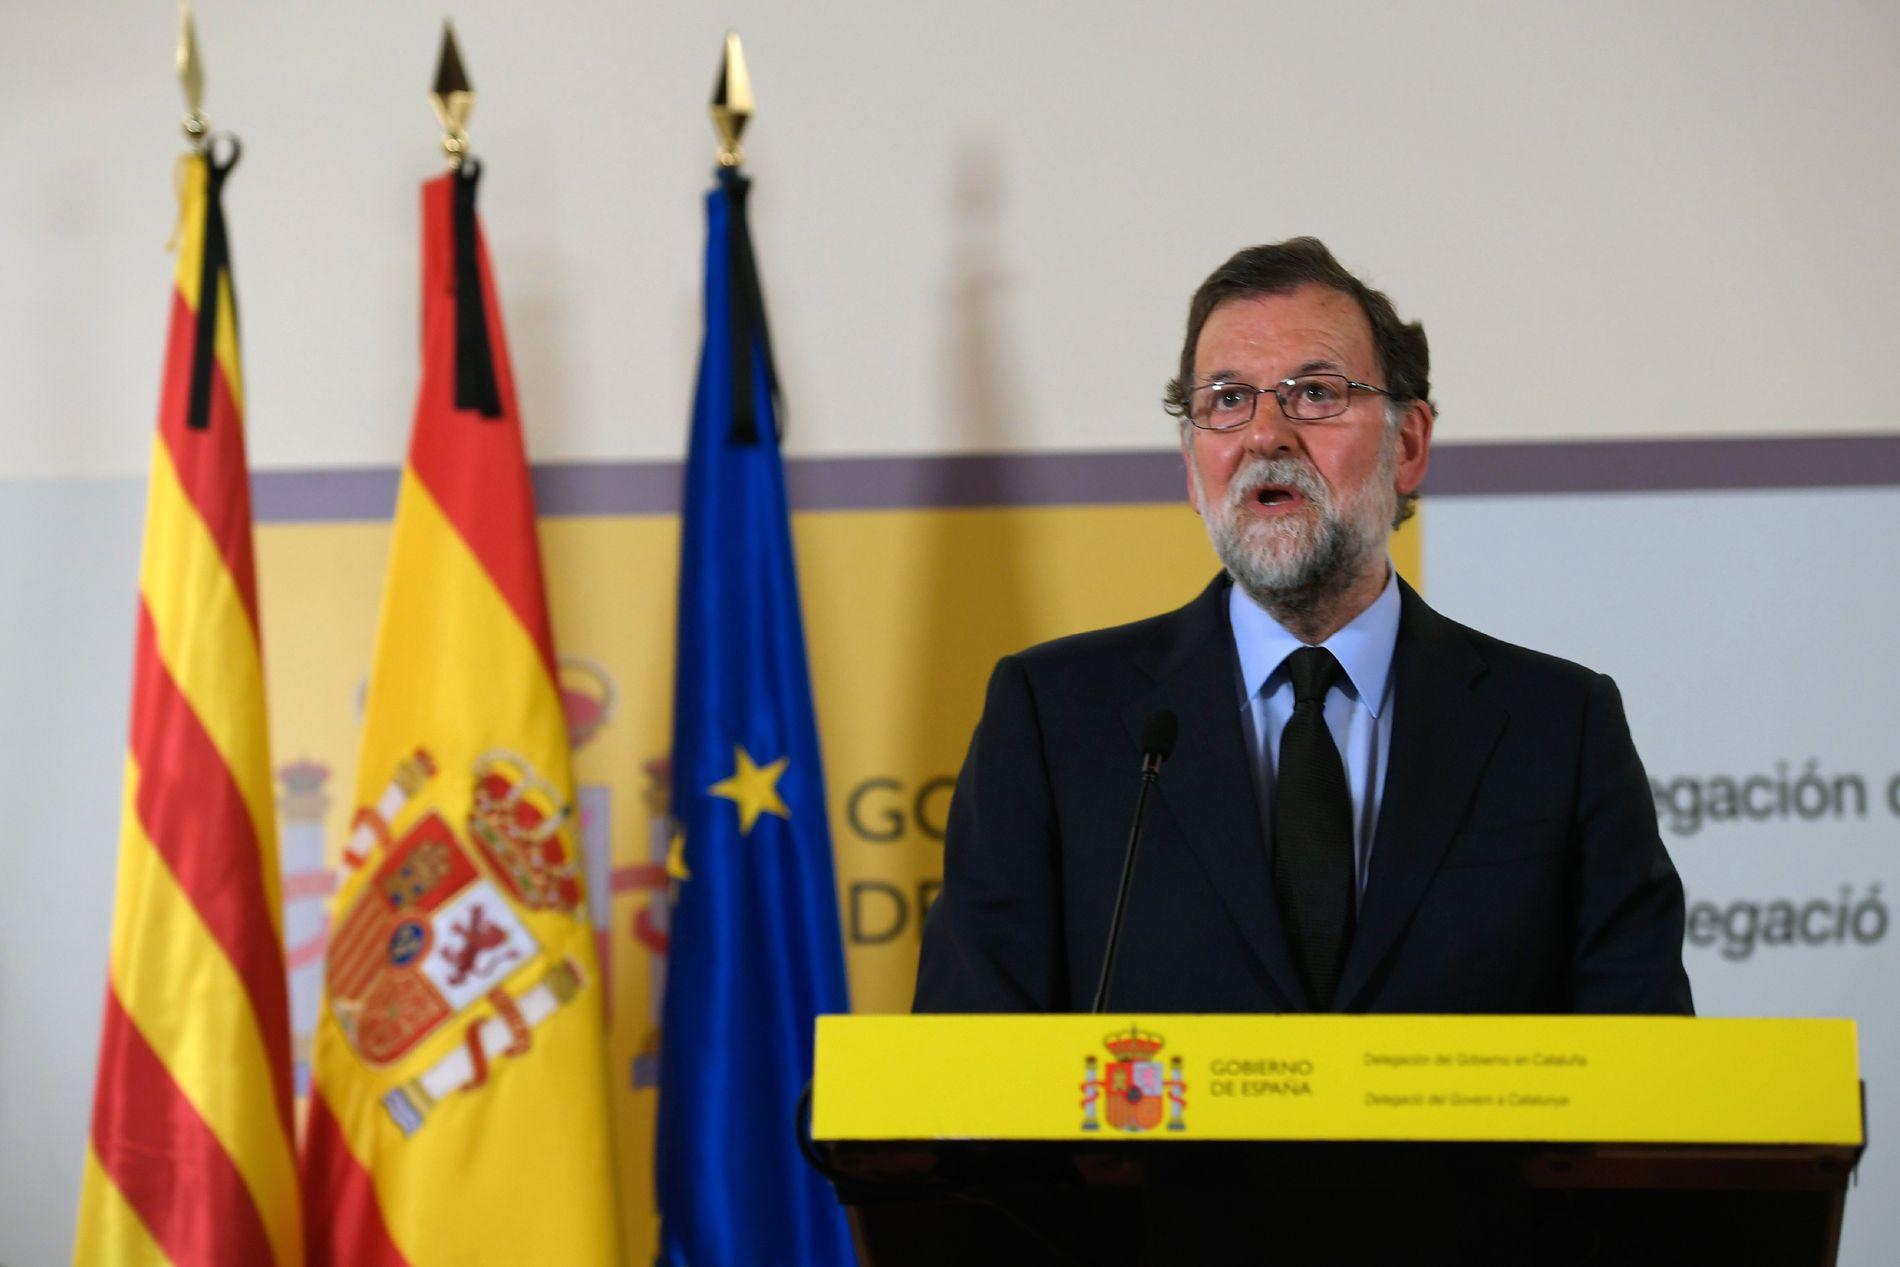 MANET TIL KAMP: Statsminister Mariano Rajoy talte til pressen i kveld, hvor han la vekt på å vise solidaritet og støtte til ofrene.